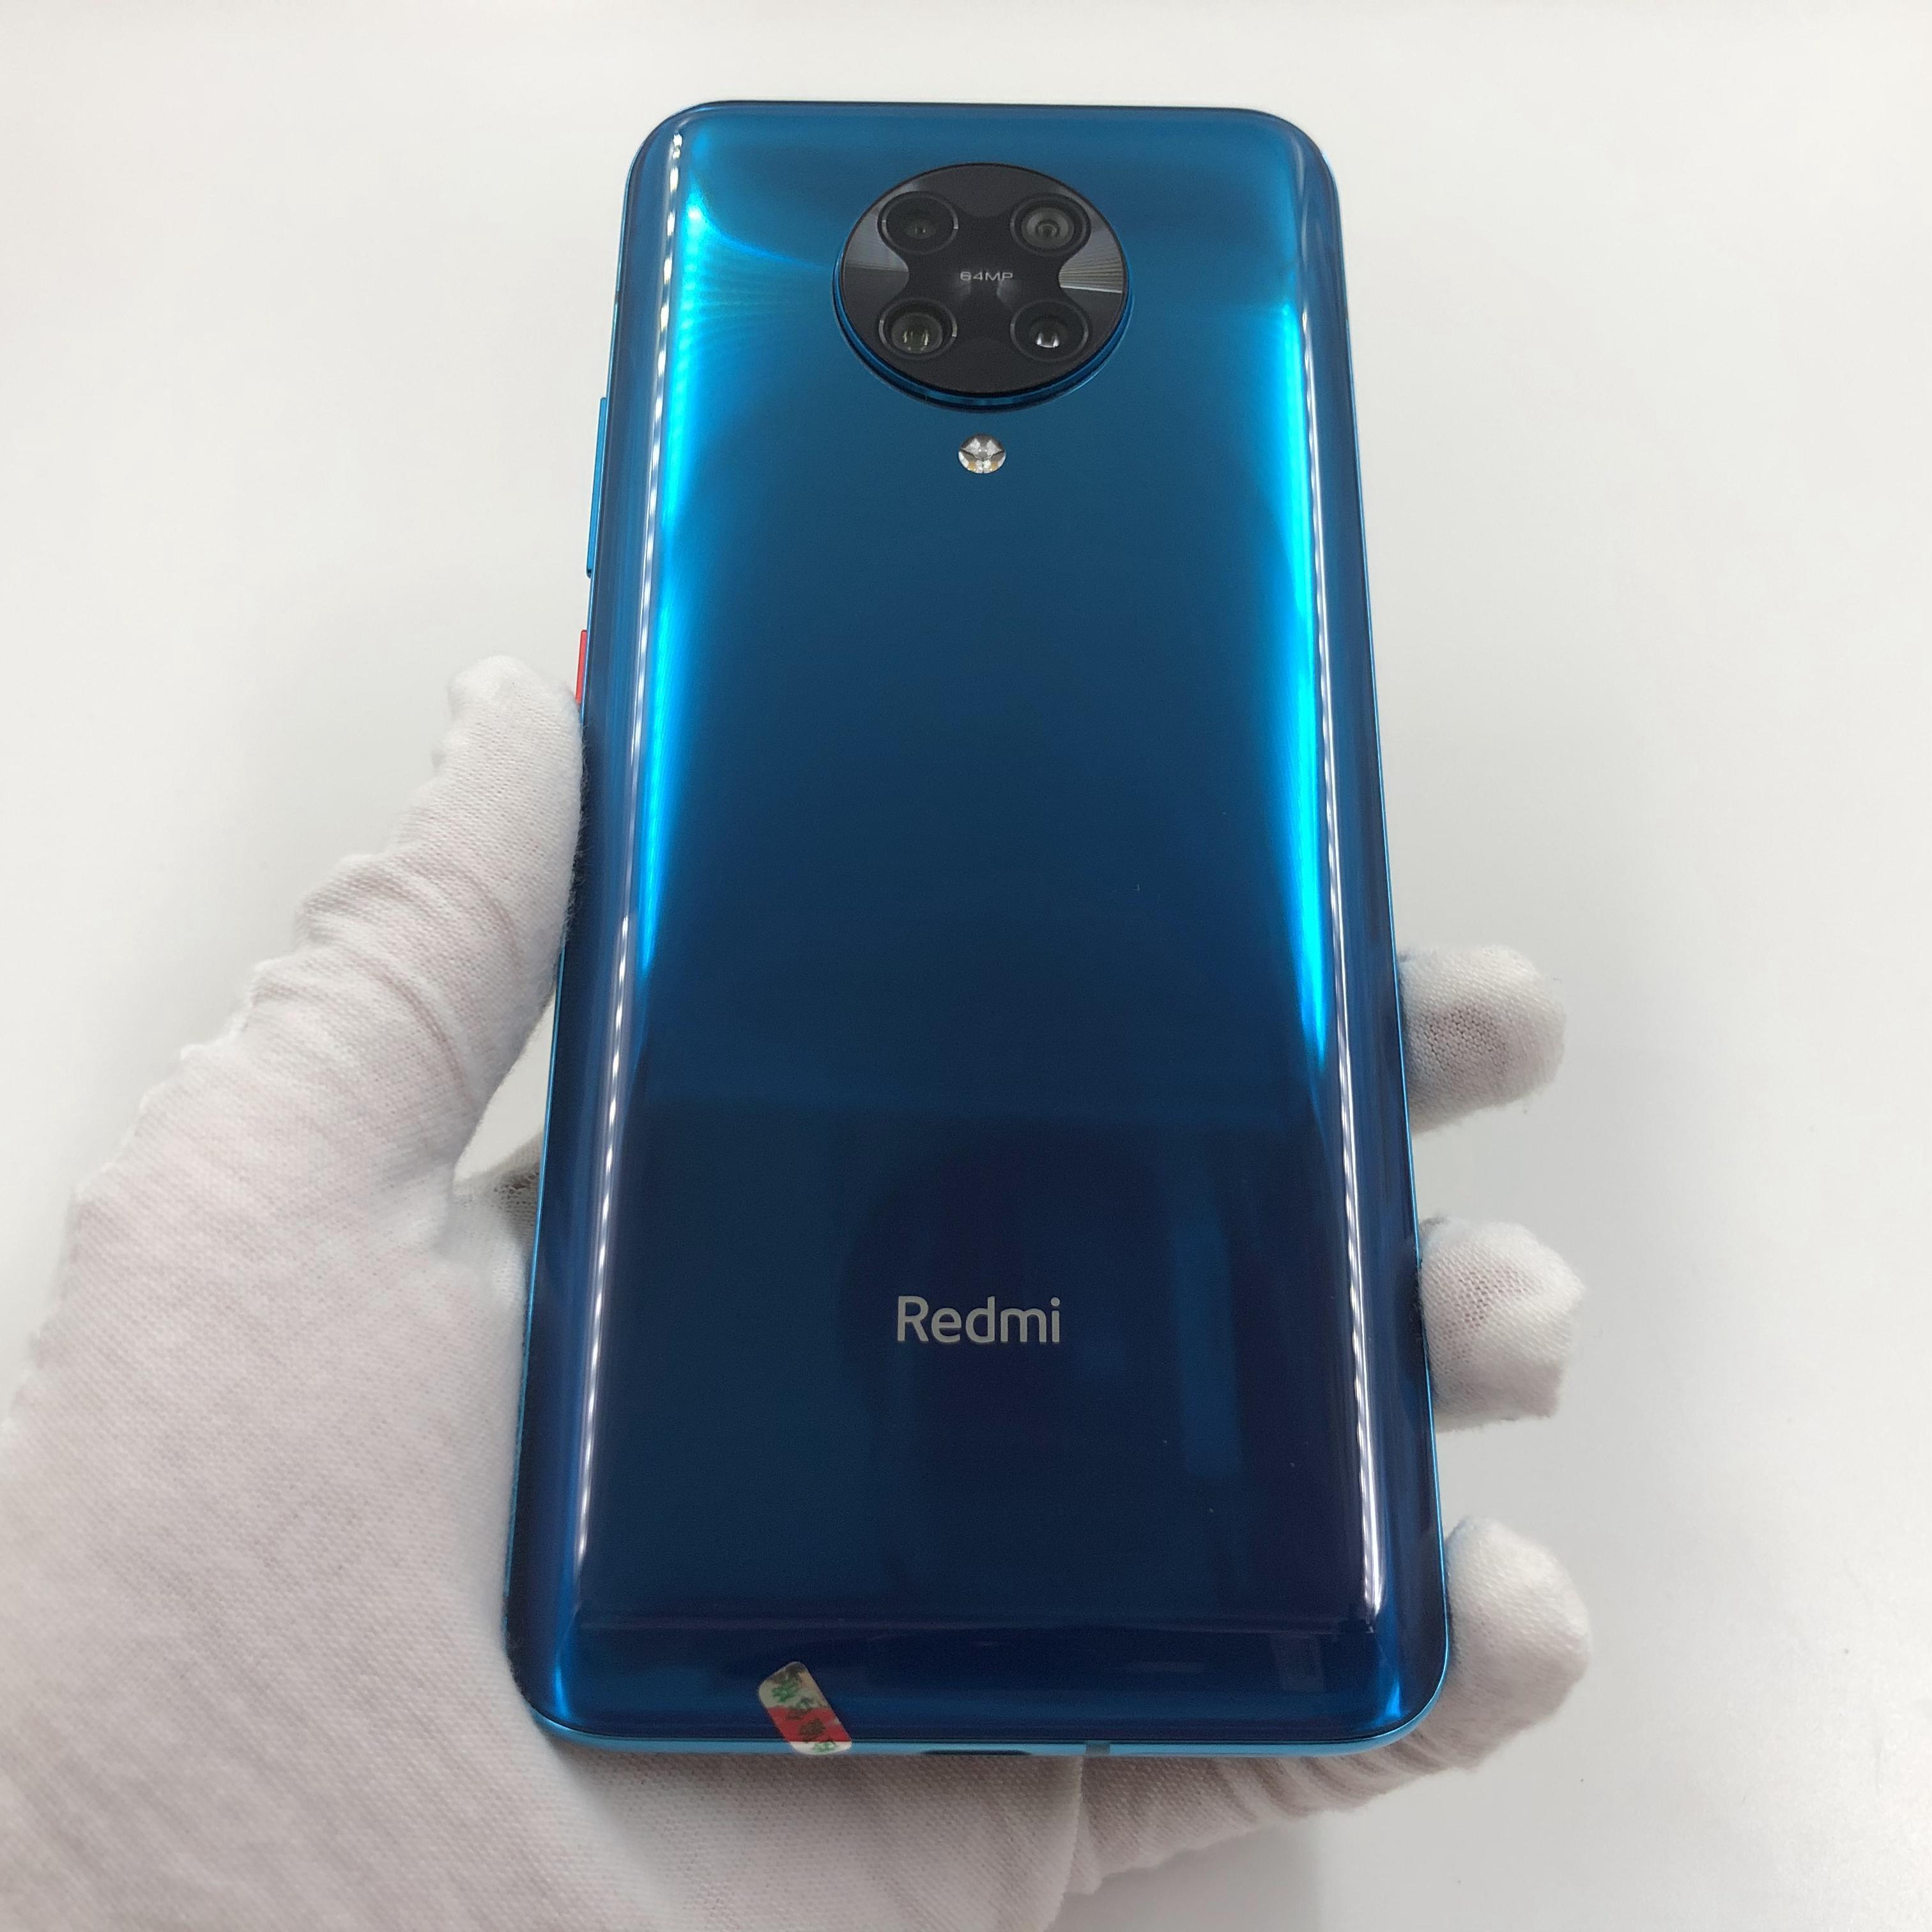 小米【Redmi k30 Pro 5G】5G全网通 天际蓝 12G/128G 国行 8成新 真机实拍